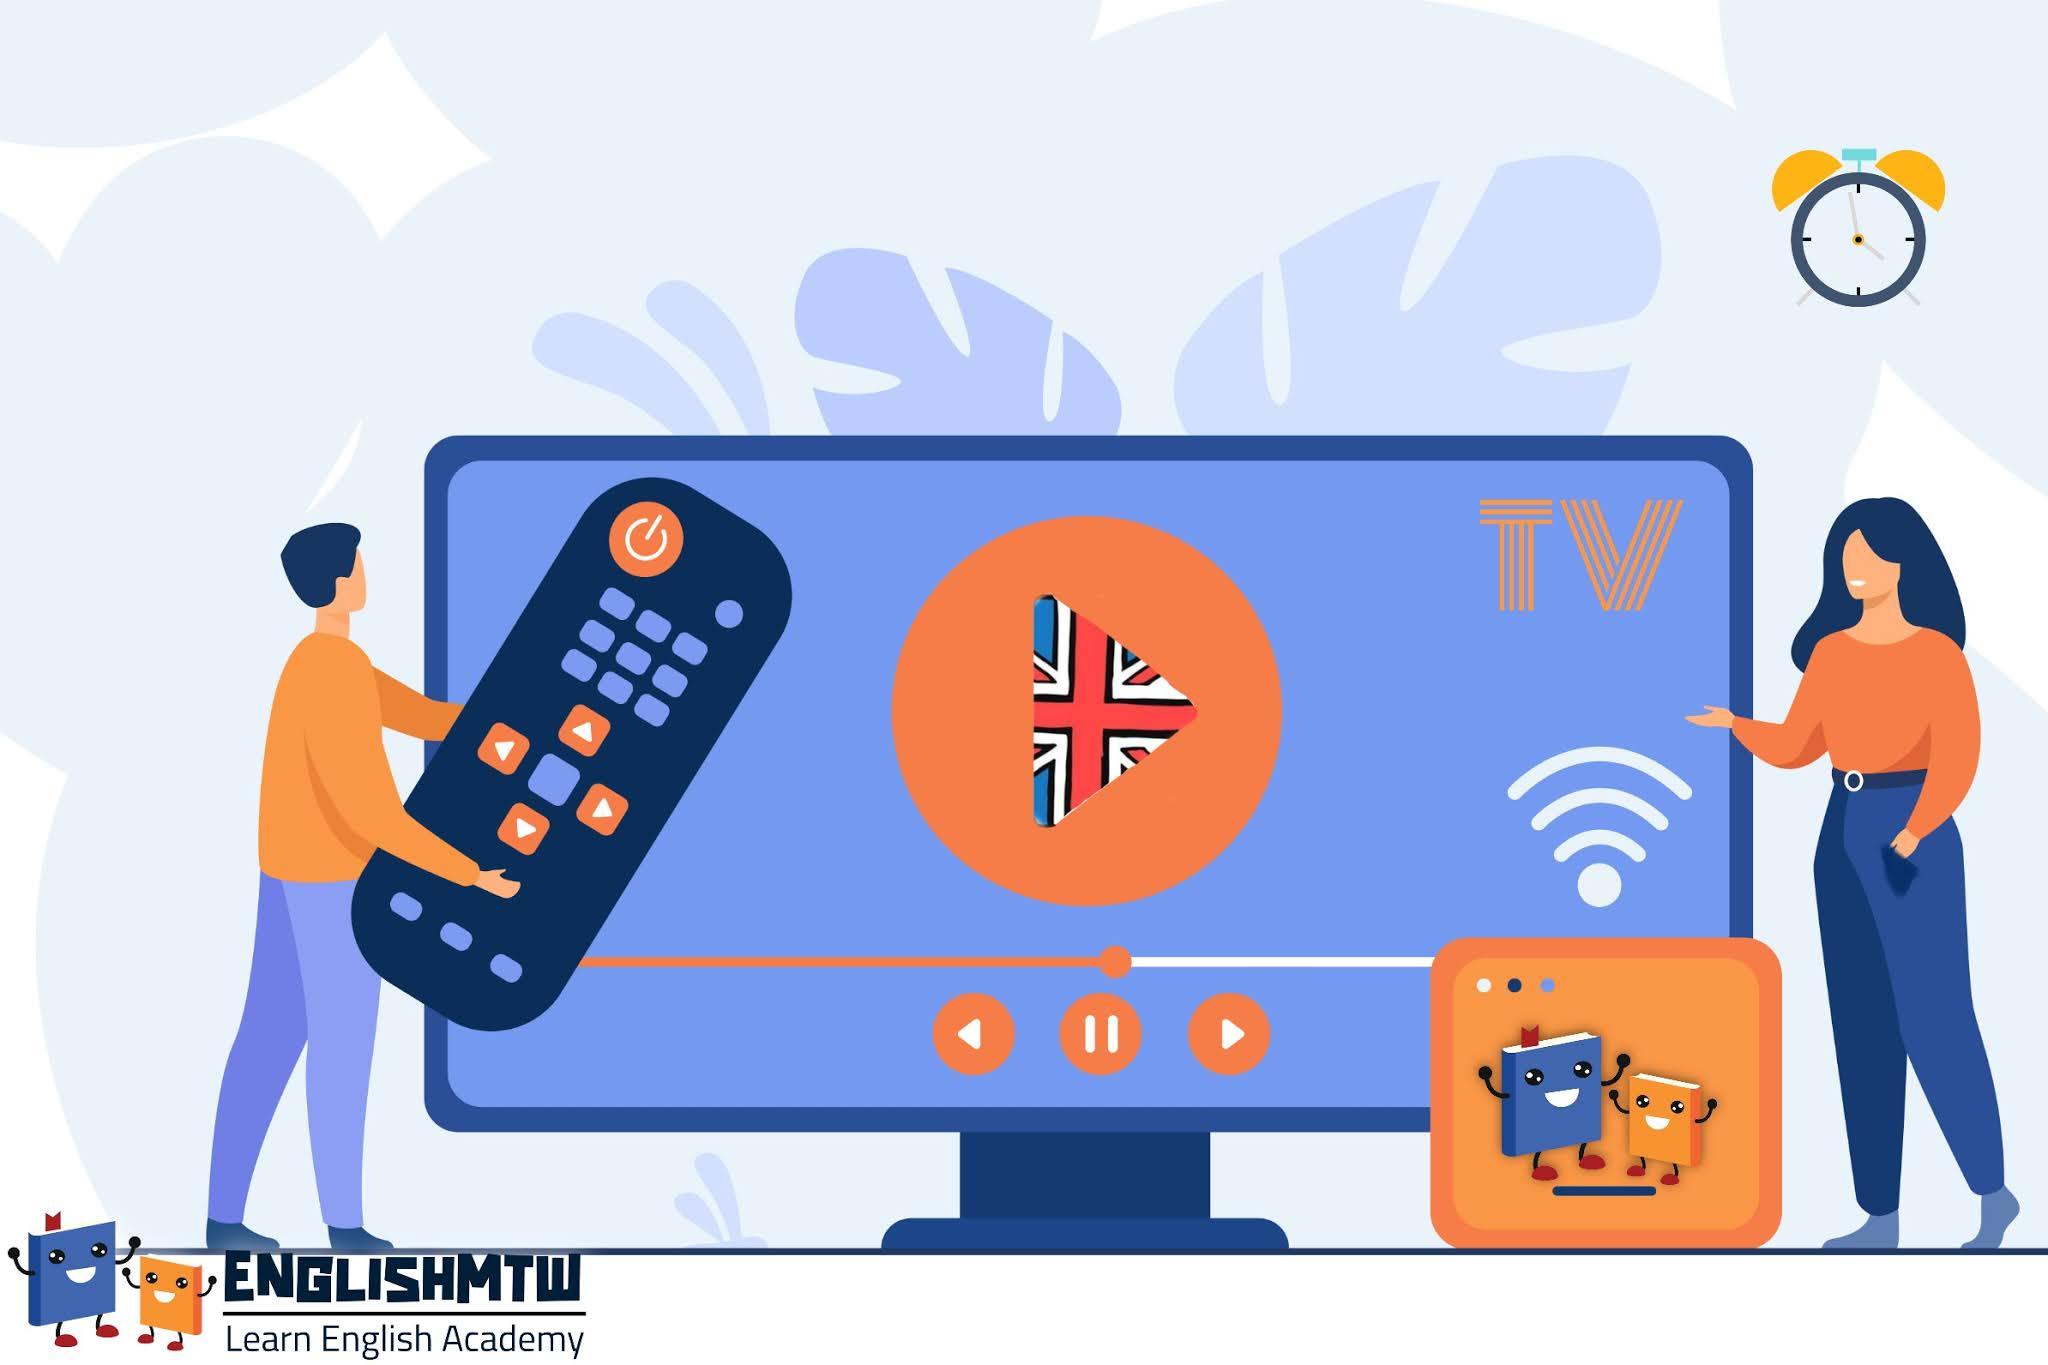 تعلم اللغة الإنجليزية مع مواقع تلفزيونية تم إعدادها لمتعلمي اللغة